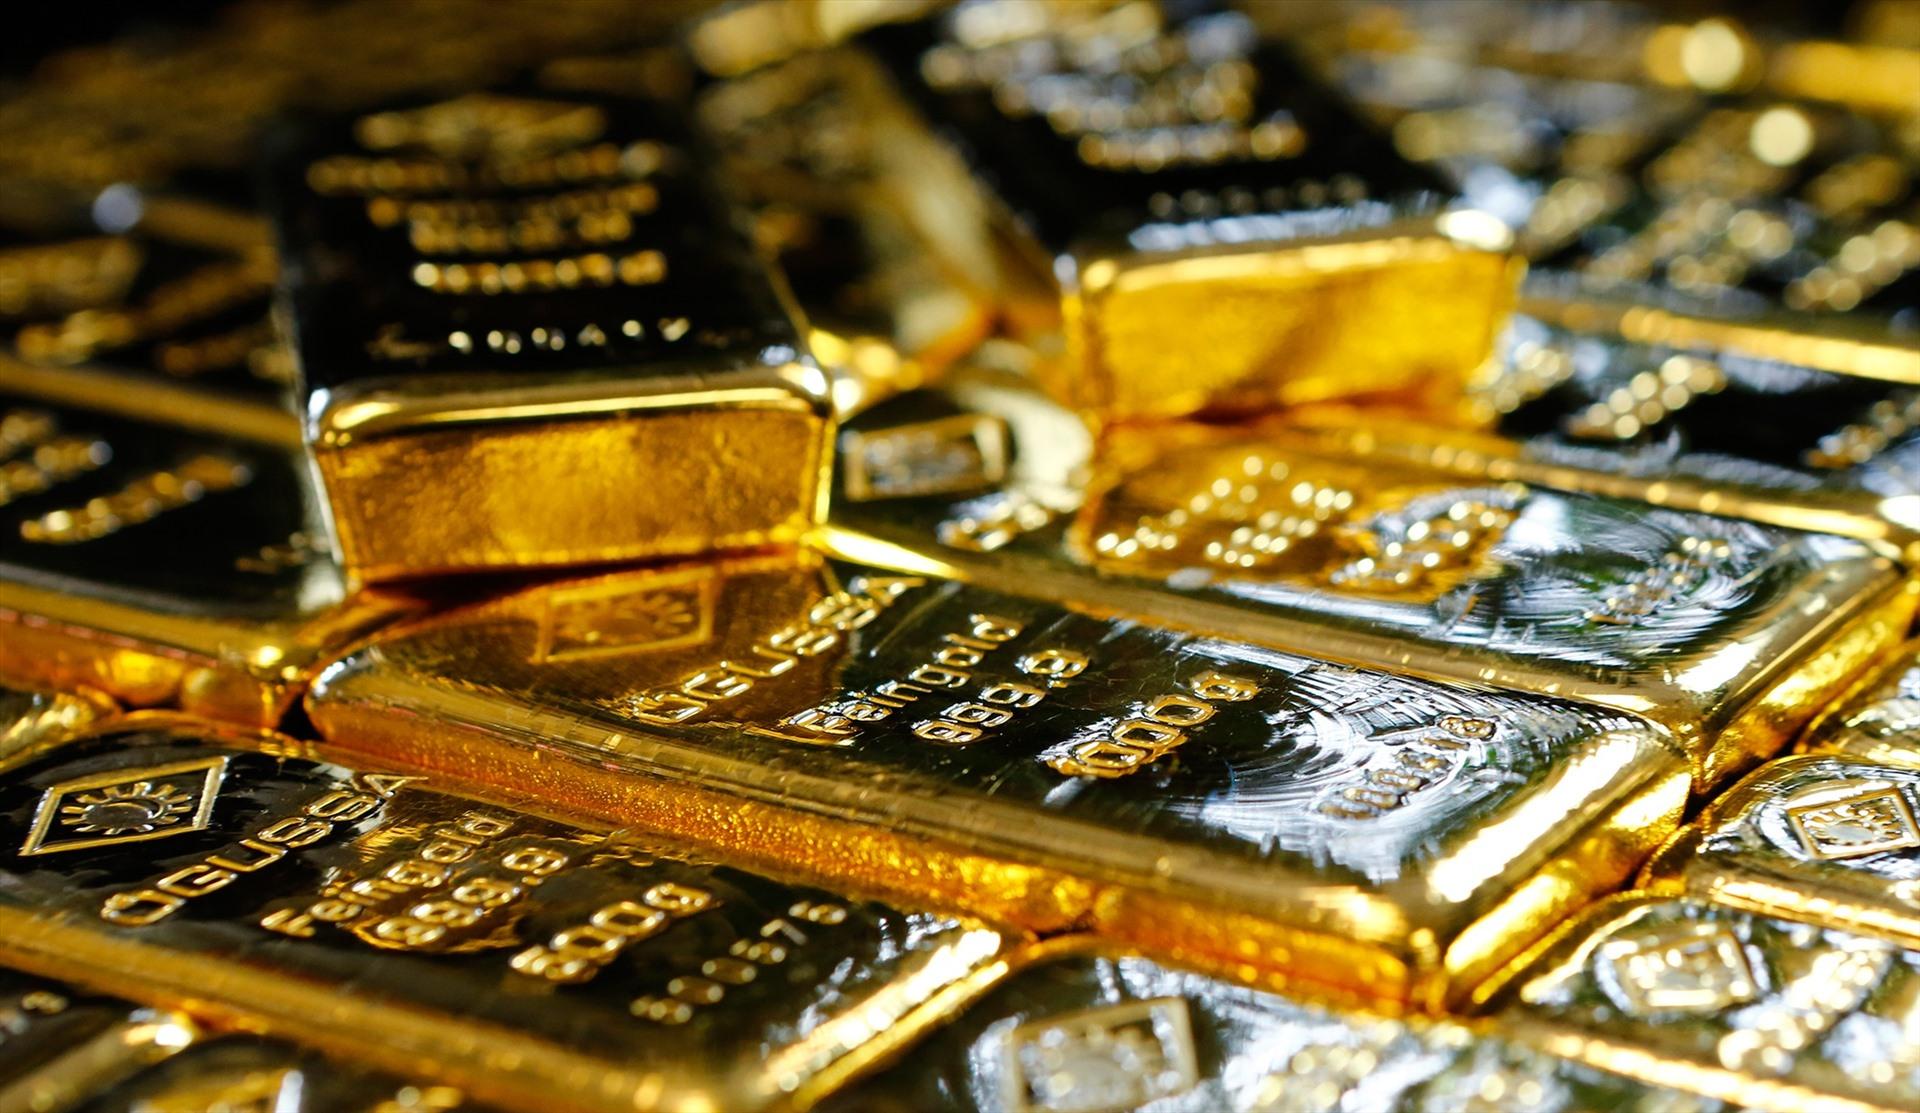 Giá vàng hôm nay 27.3: Ồ ạt mua vào, giá vàng tăng vượt kỳ vọng - giá vàng hôm nay